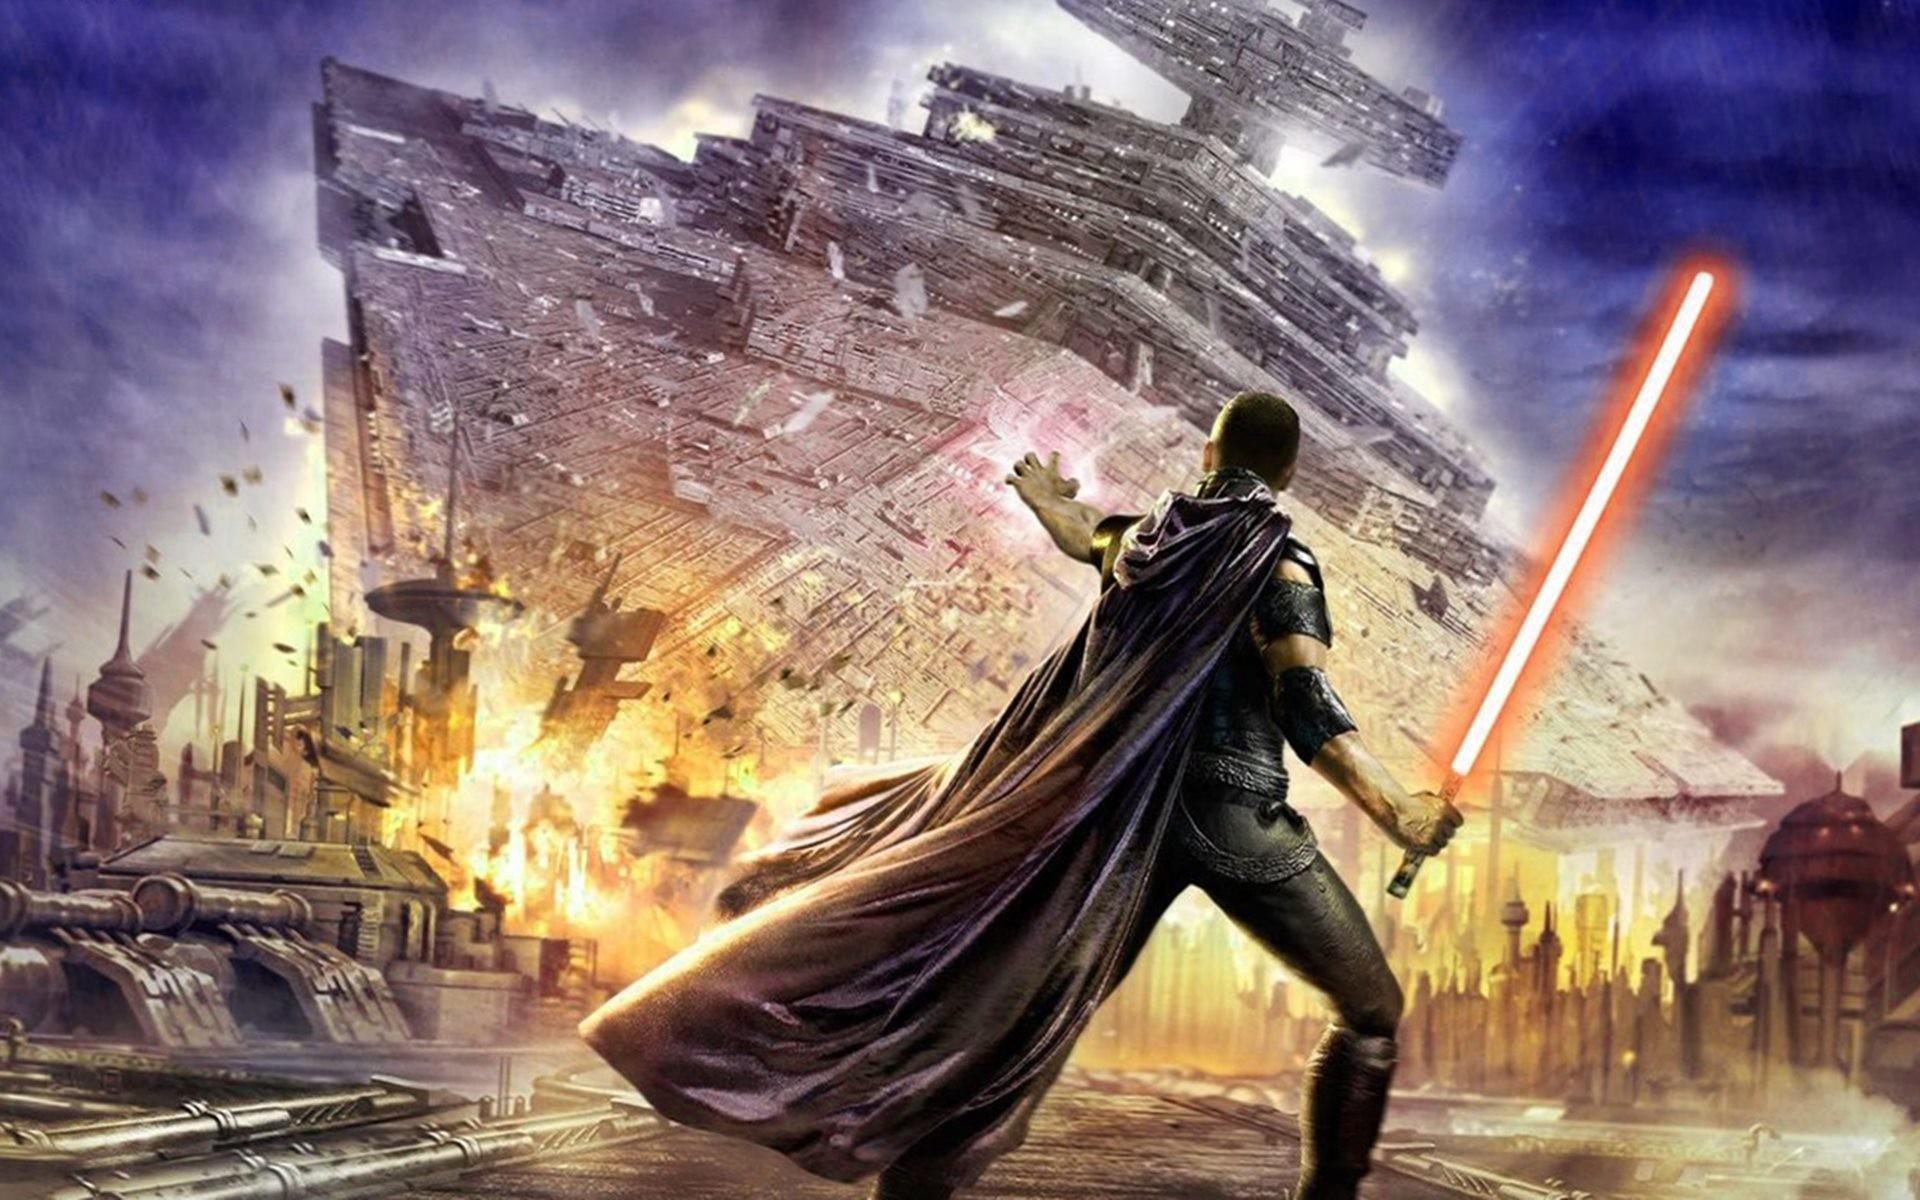 Star Wars Battlefront Hd Wallpapers 1080p Star War Background 1920x1200 Download Hd Wallpaper Wallpapertip